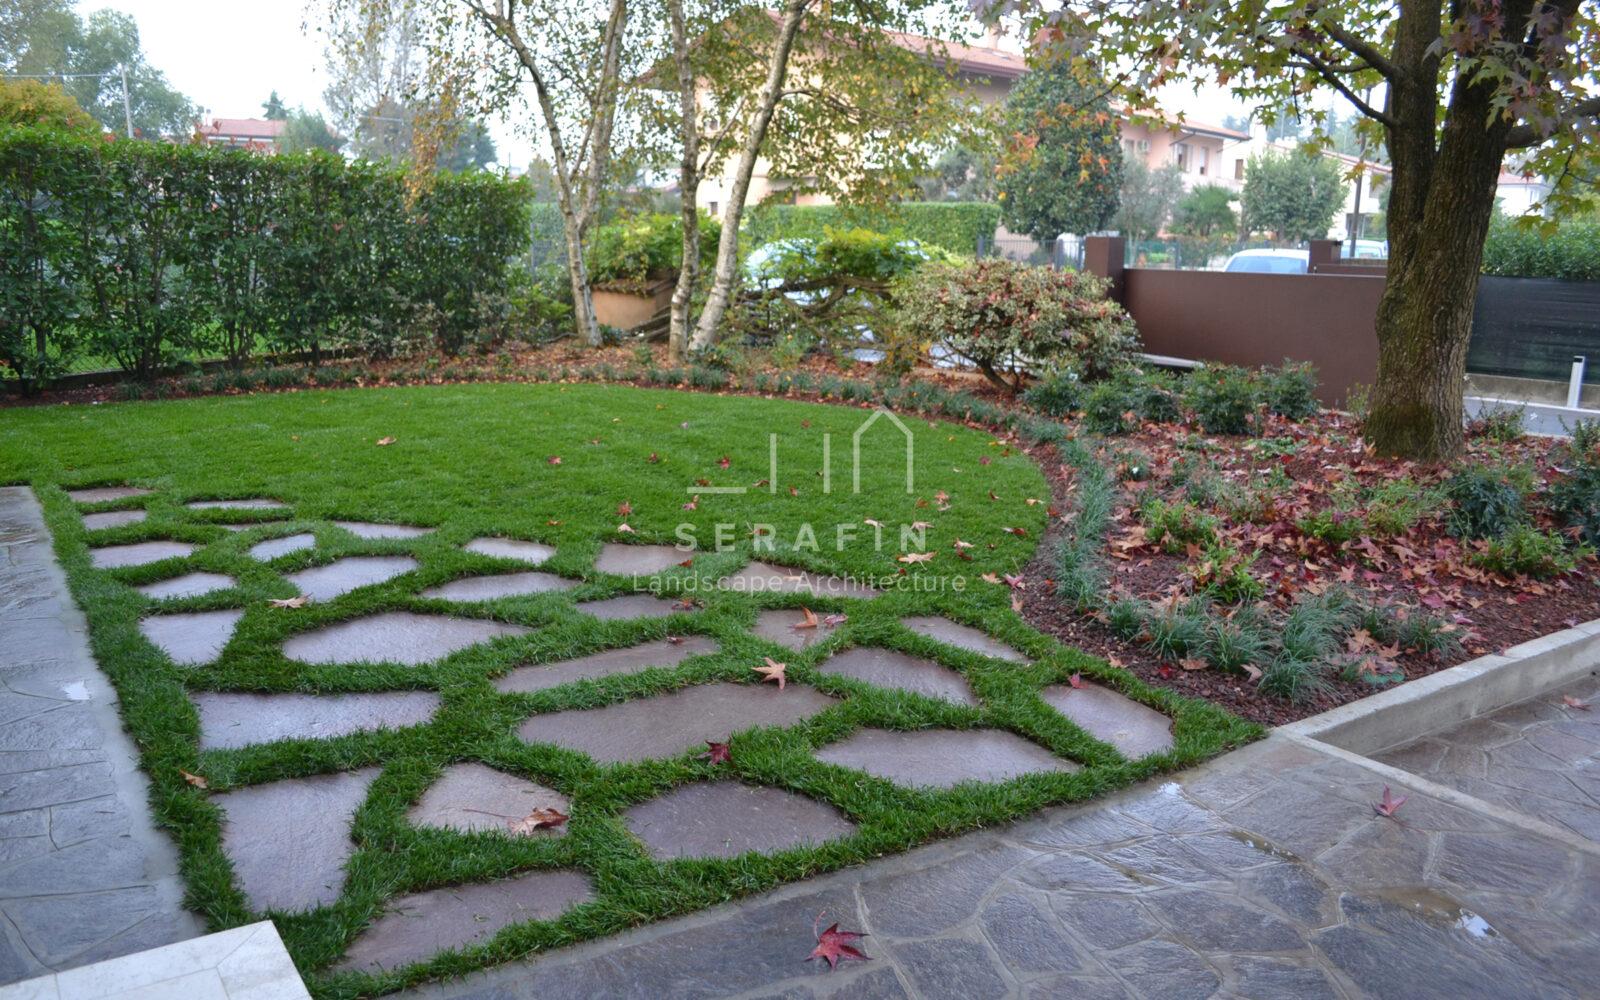 giardino privato con sistemi automatici - 1